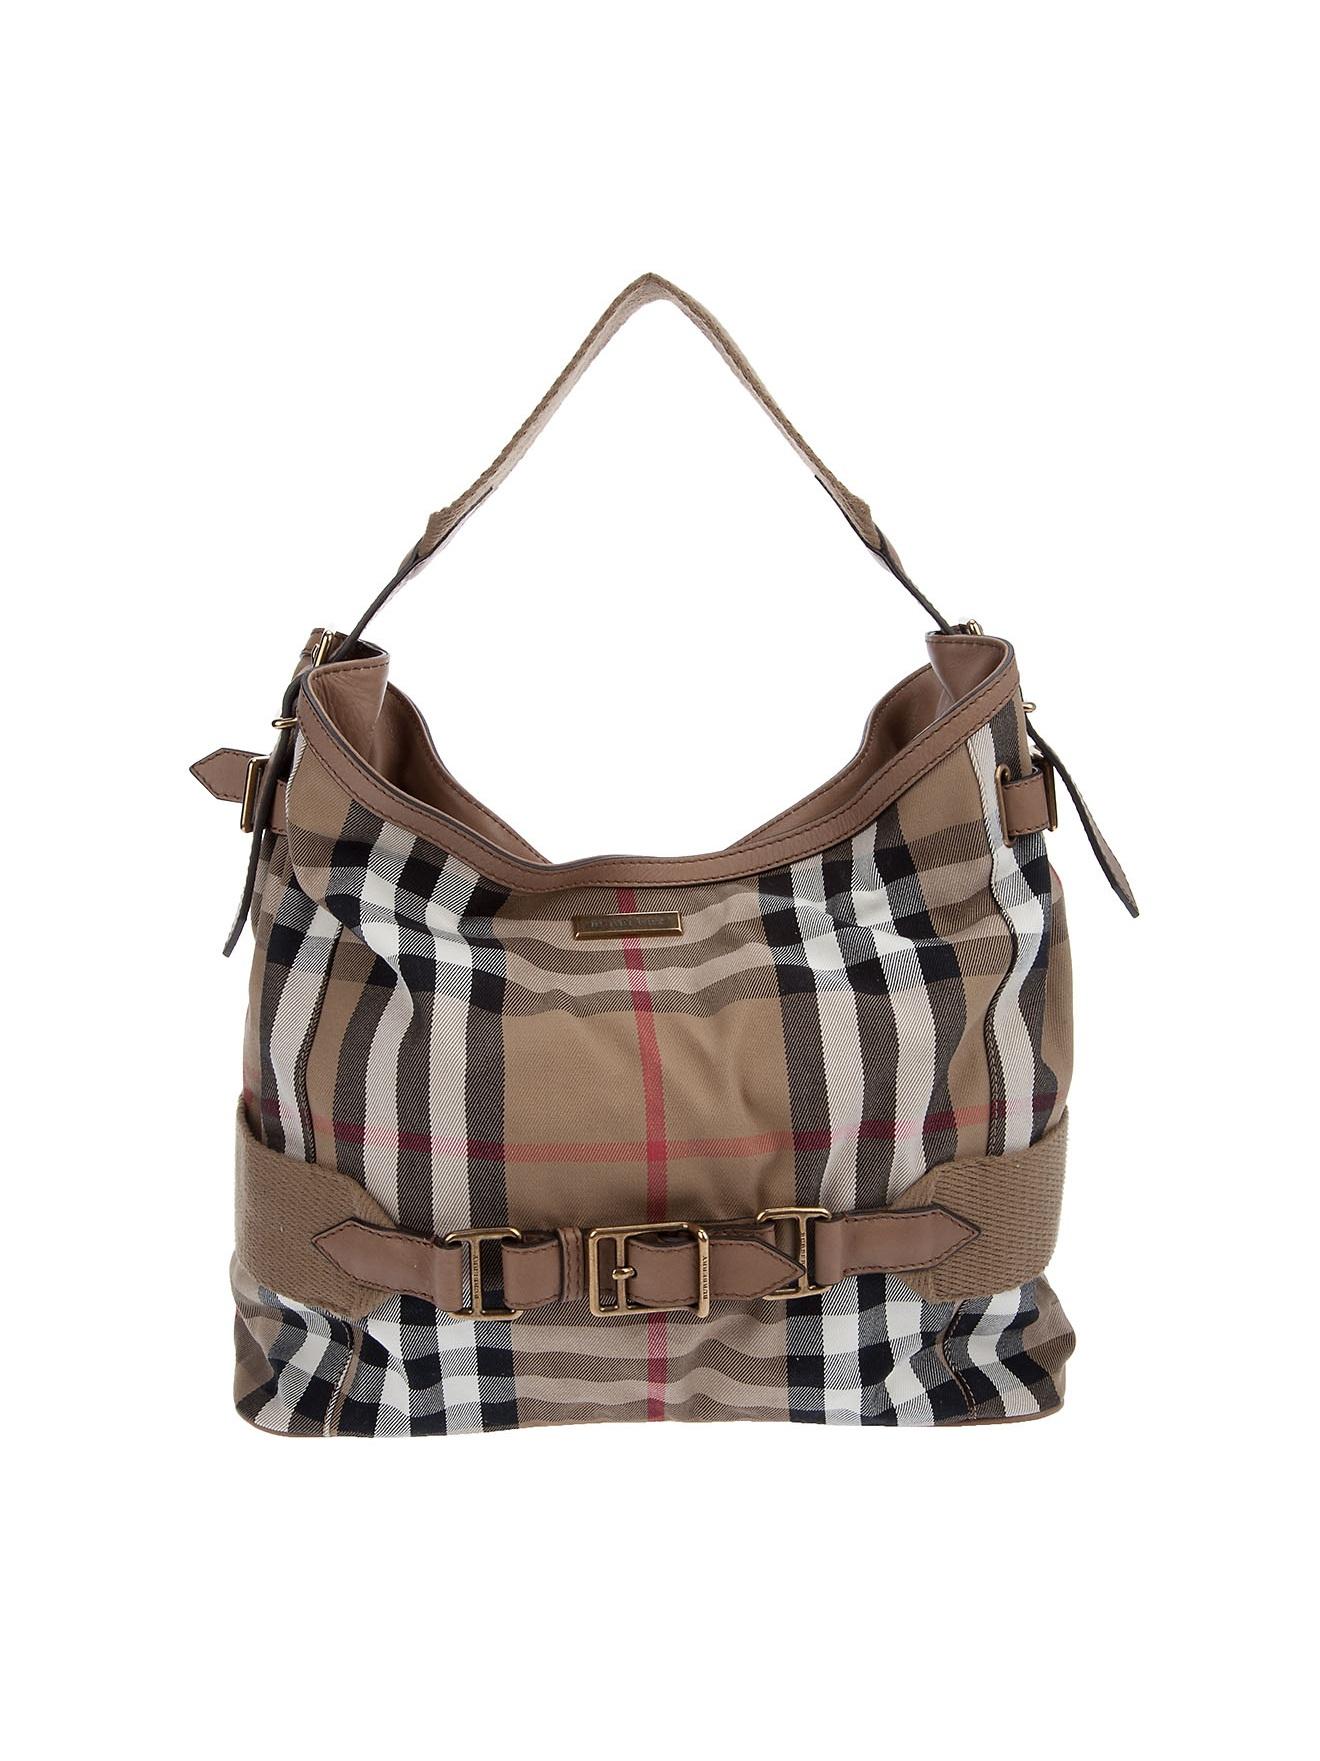 Burberry Parson Bag in Brown - Lyst 3a2e8ead58